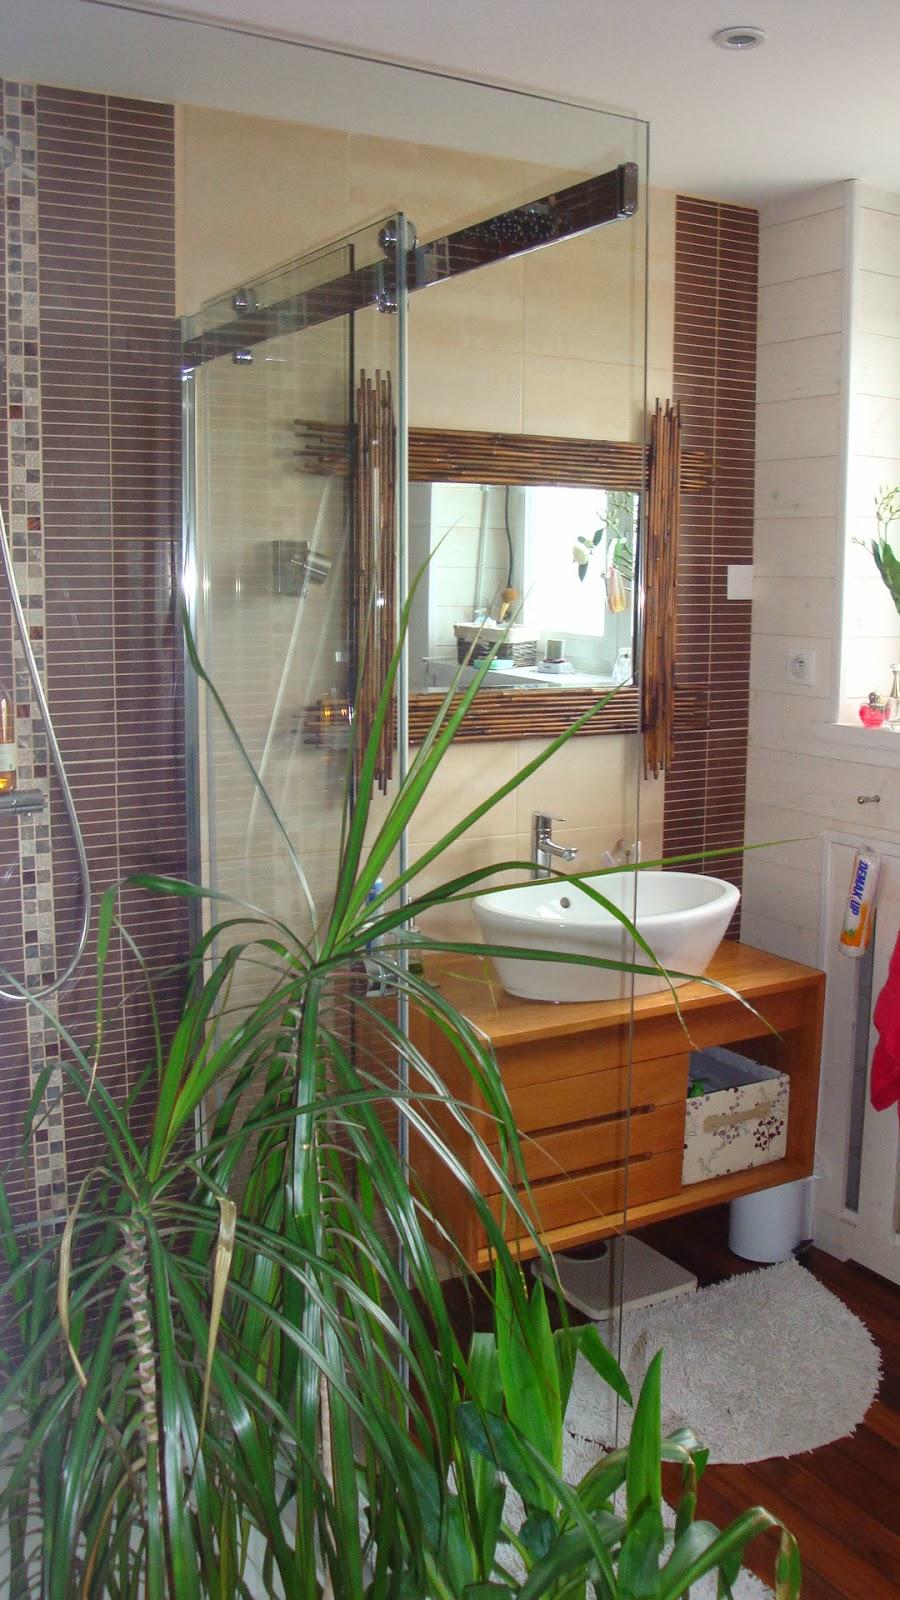 Carrelage Design carrelage sol exterieur : Michel Le Coz Agencement u0026 Du00e9coration: Salle du0026#39;eau teck